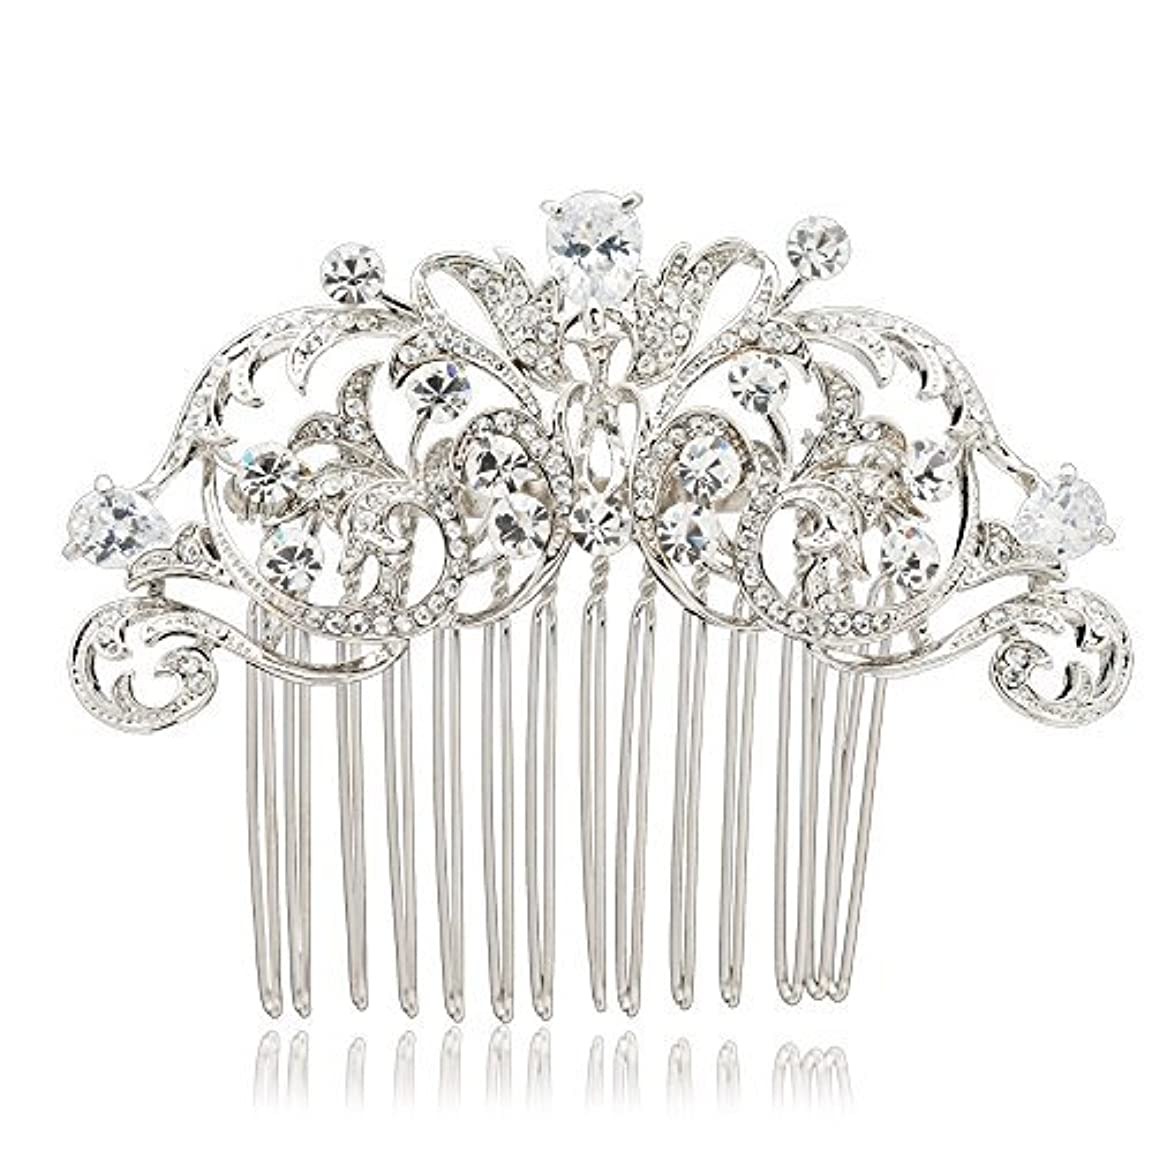 フィードバック注文賞賛SEPBRIDALS Crystal Rhinestone Hair Side Comb Pins Bridal Wedding Women Hair Accessories Jewelry 2253R [並行輸入品]